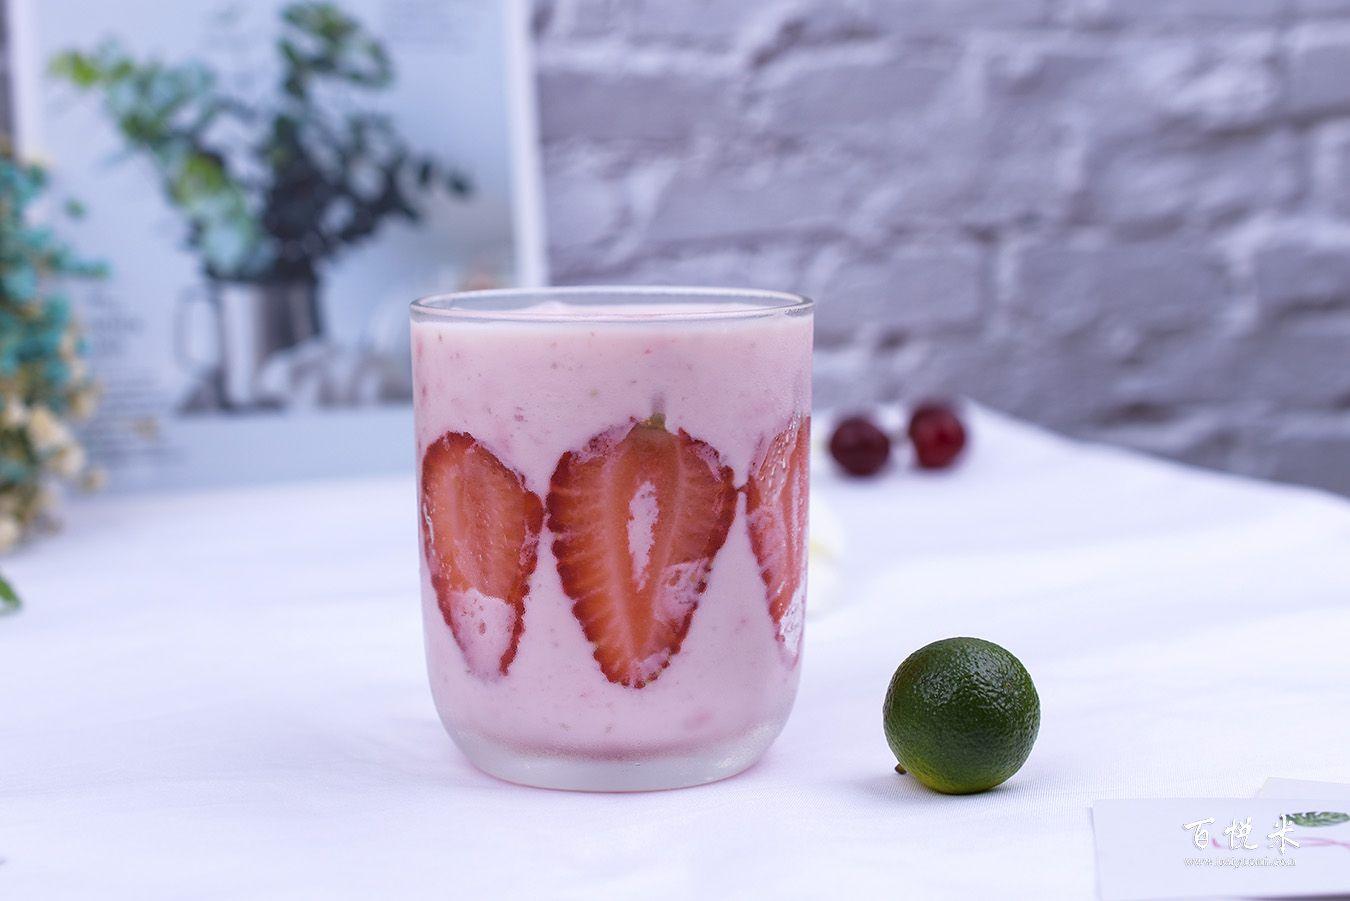 草莓酸奶奶昔高清图片大全【蛋糕图片】_1267